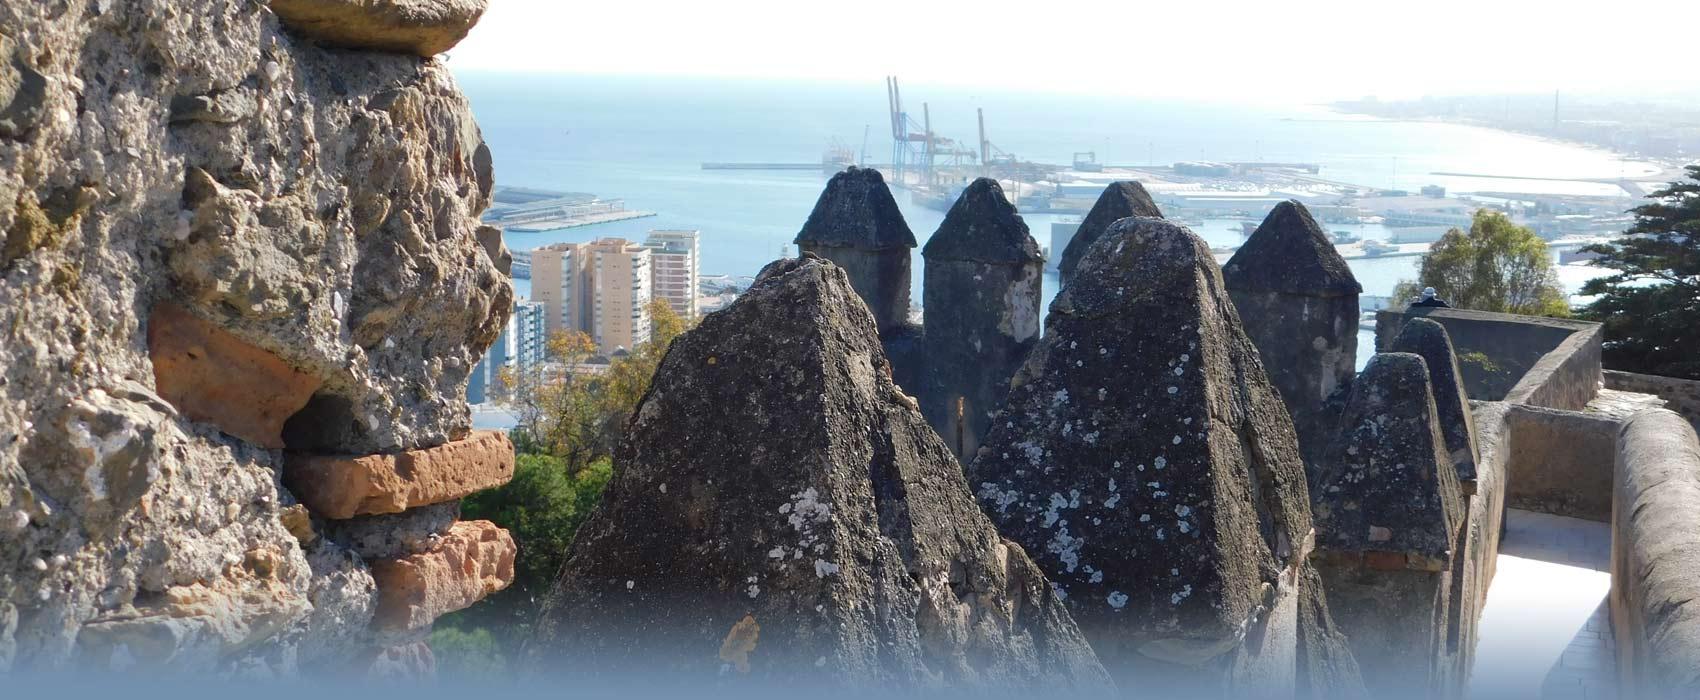 Aussichtsplattform der Burg Gibralfaro von Malaga